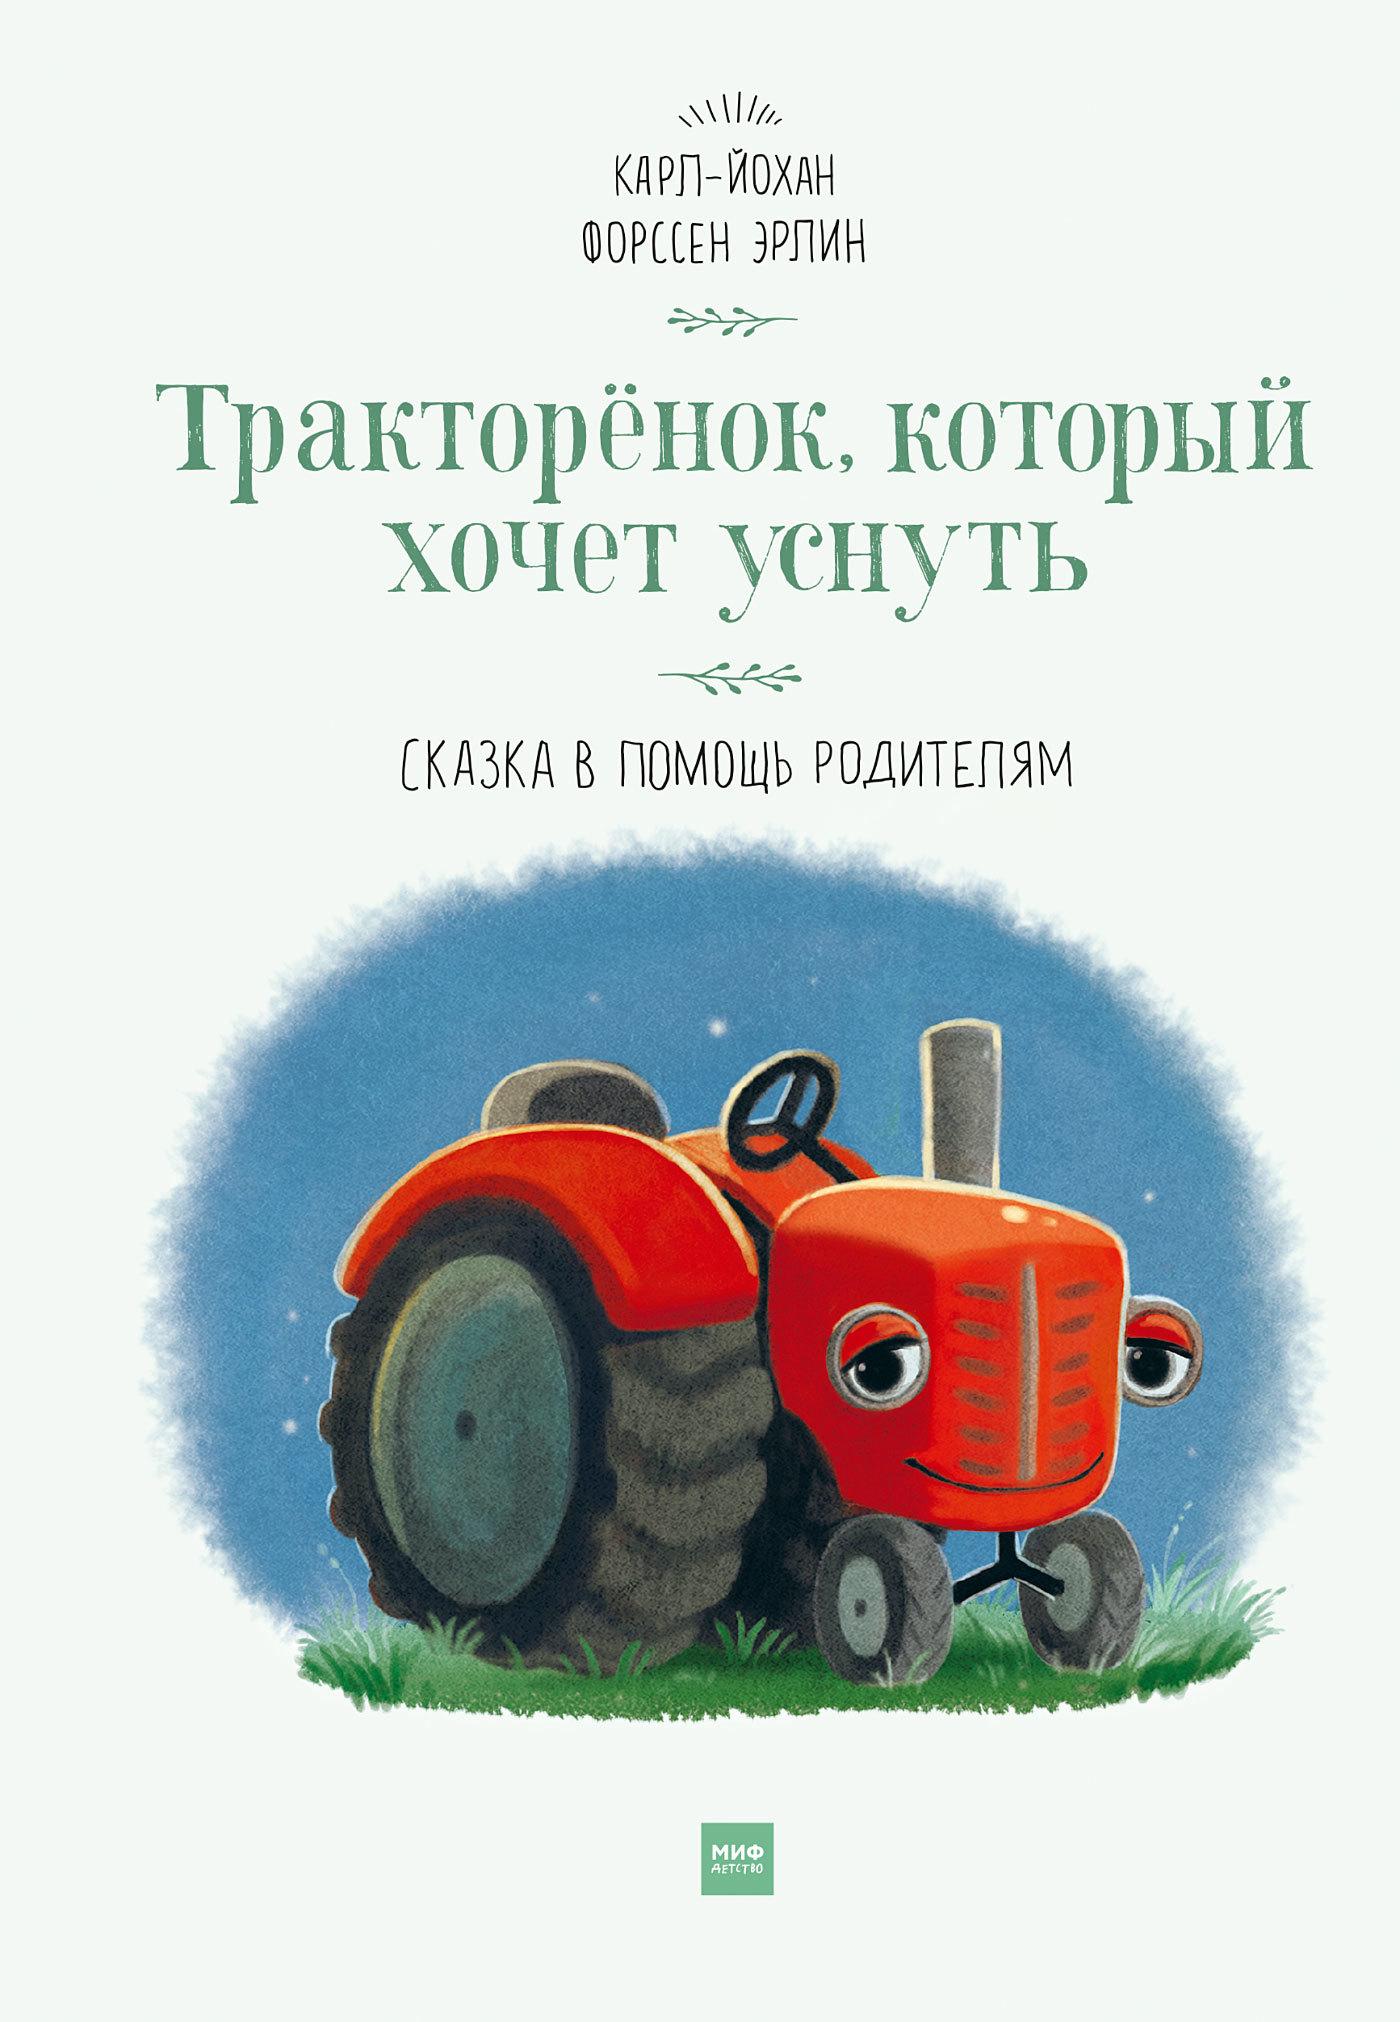 Карл-Йохан Эрлин. Тракторёнок, который хочет уснуть. Сказка в помощь родителям